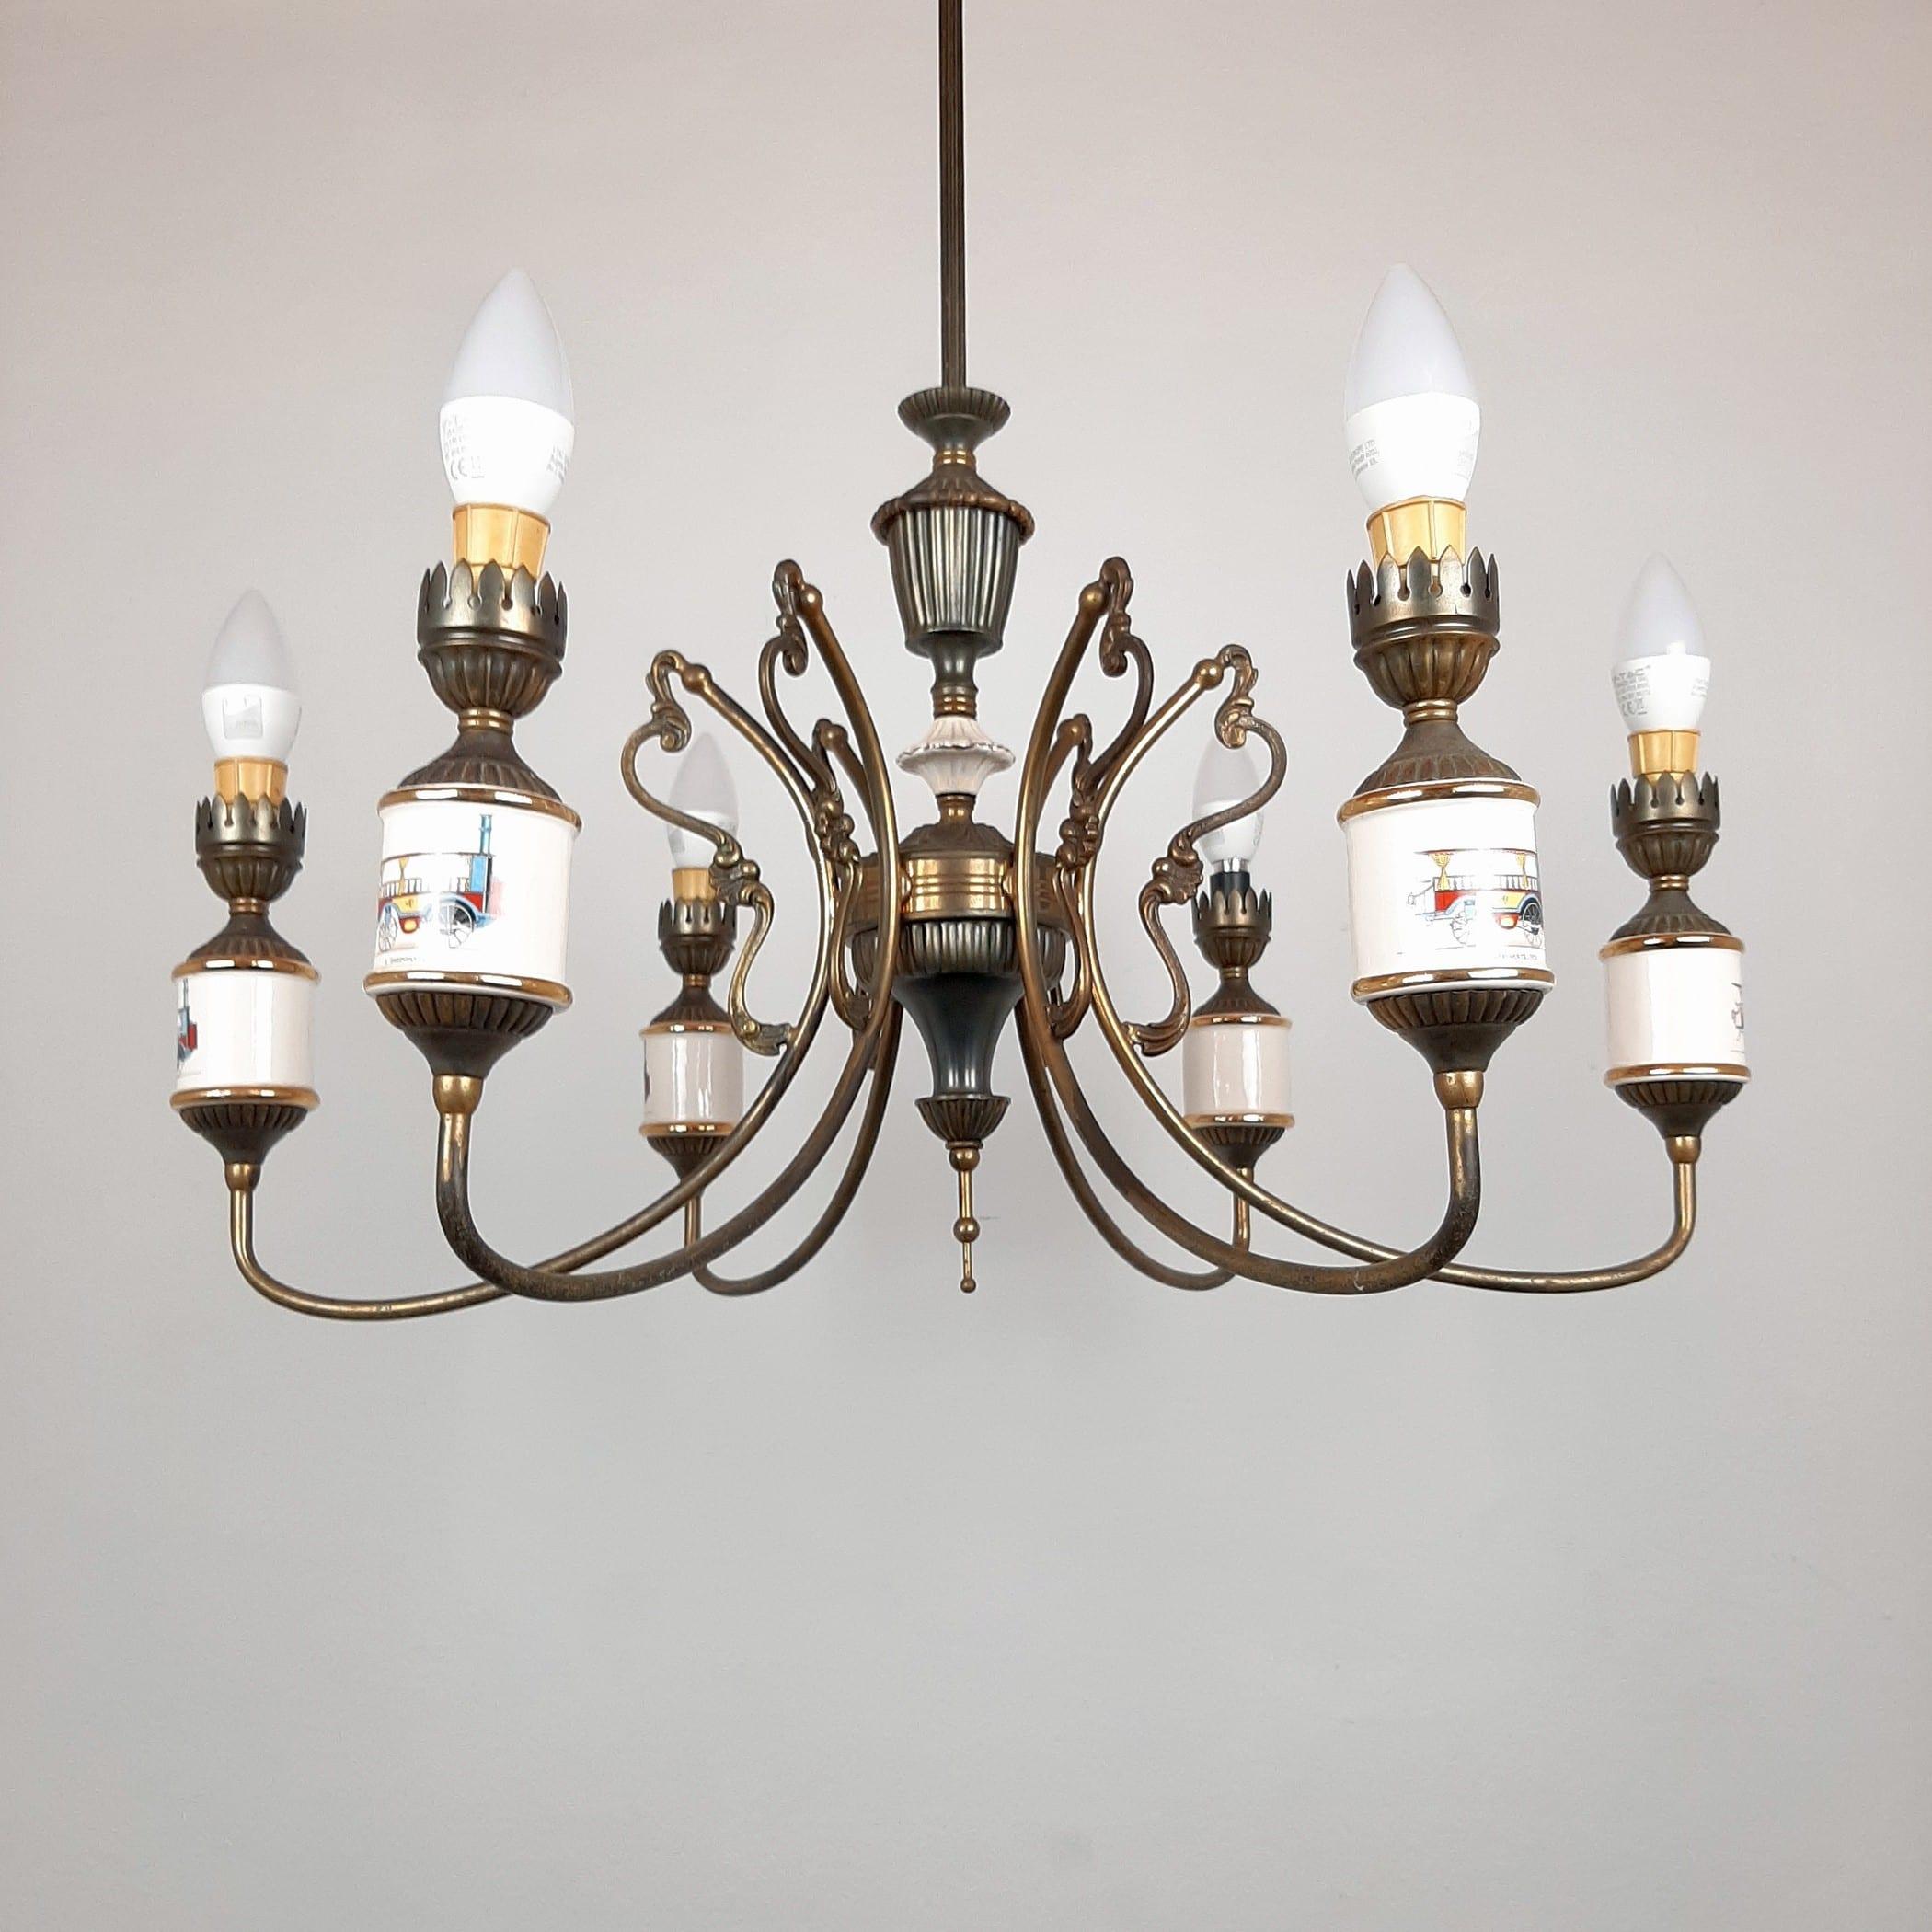 Vintage 6 arm porcelain bronze chandelier Compagnie Nationale De Porcelaine France 1950s Bronze lamp Mid-century lighting